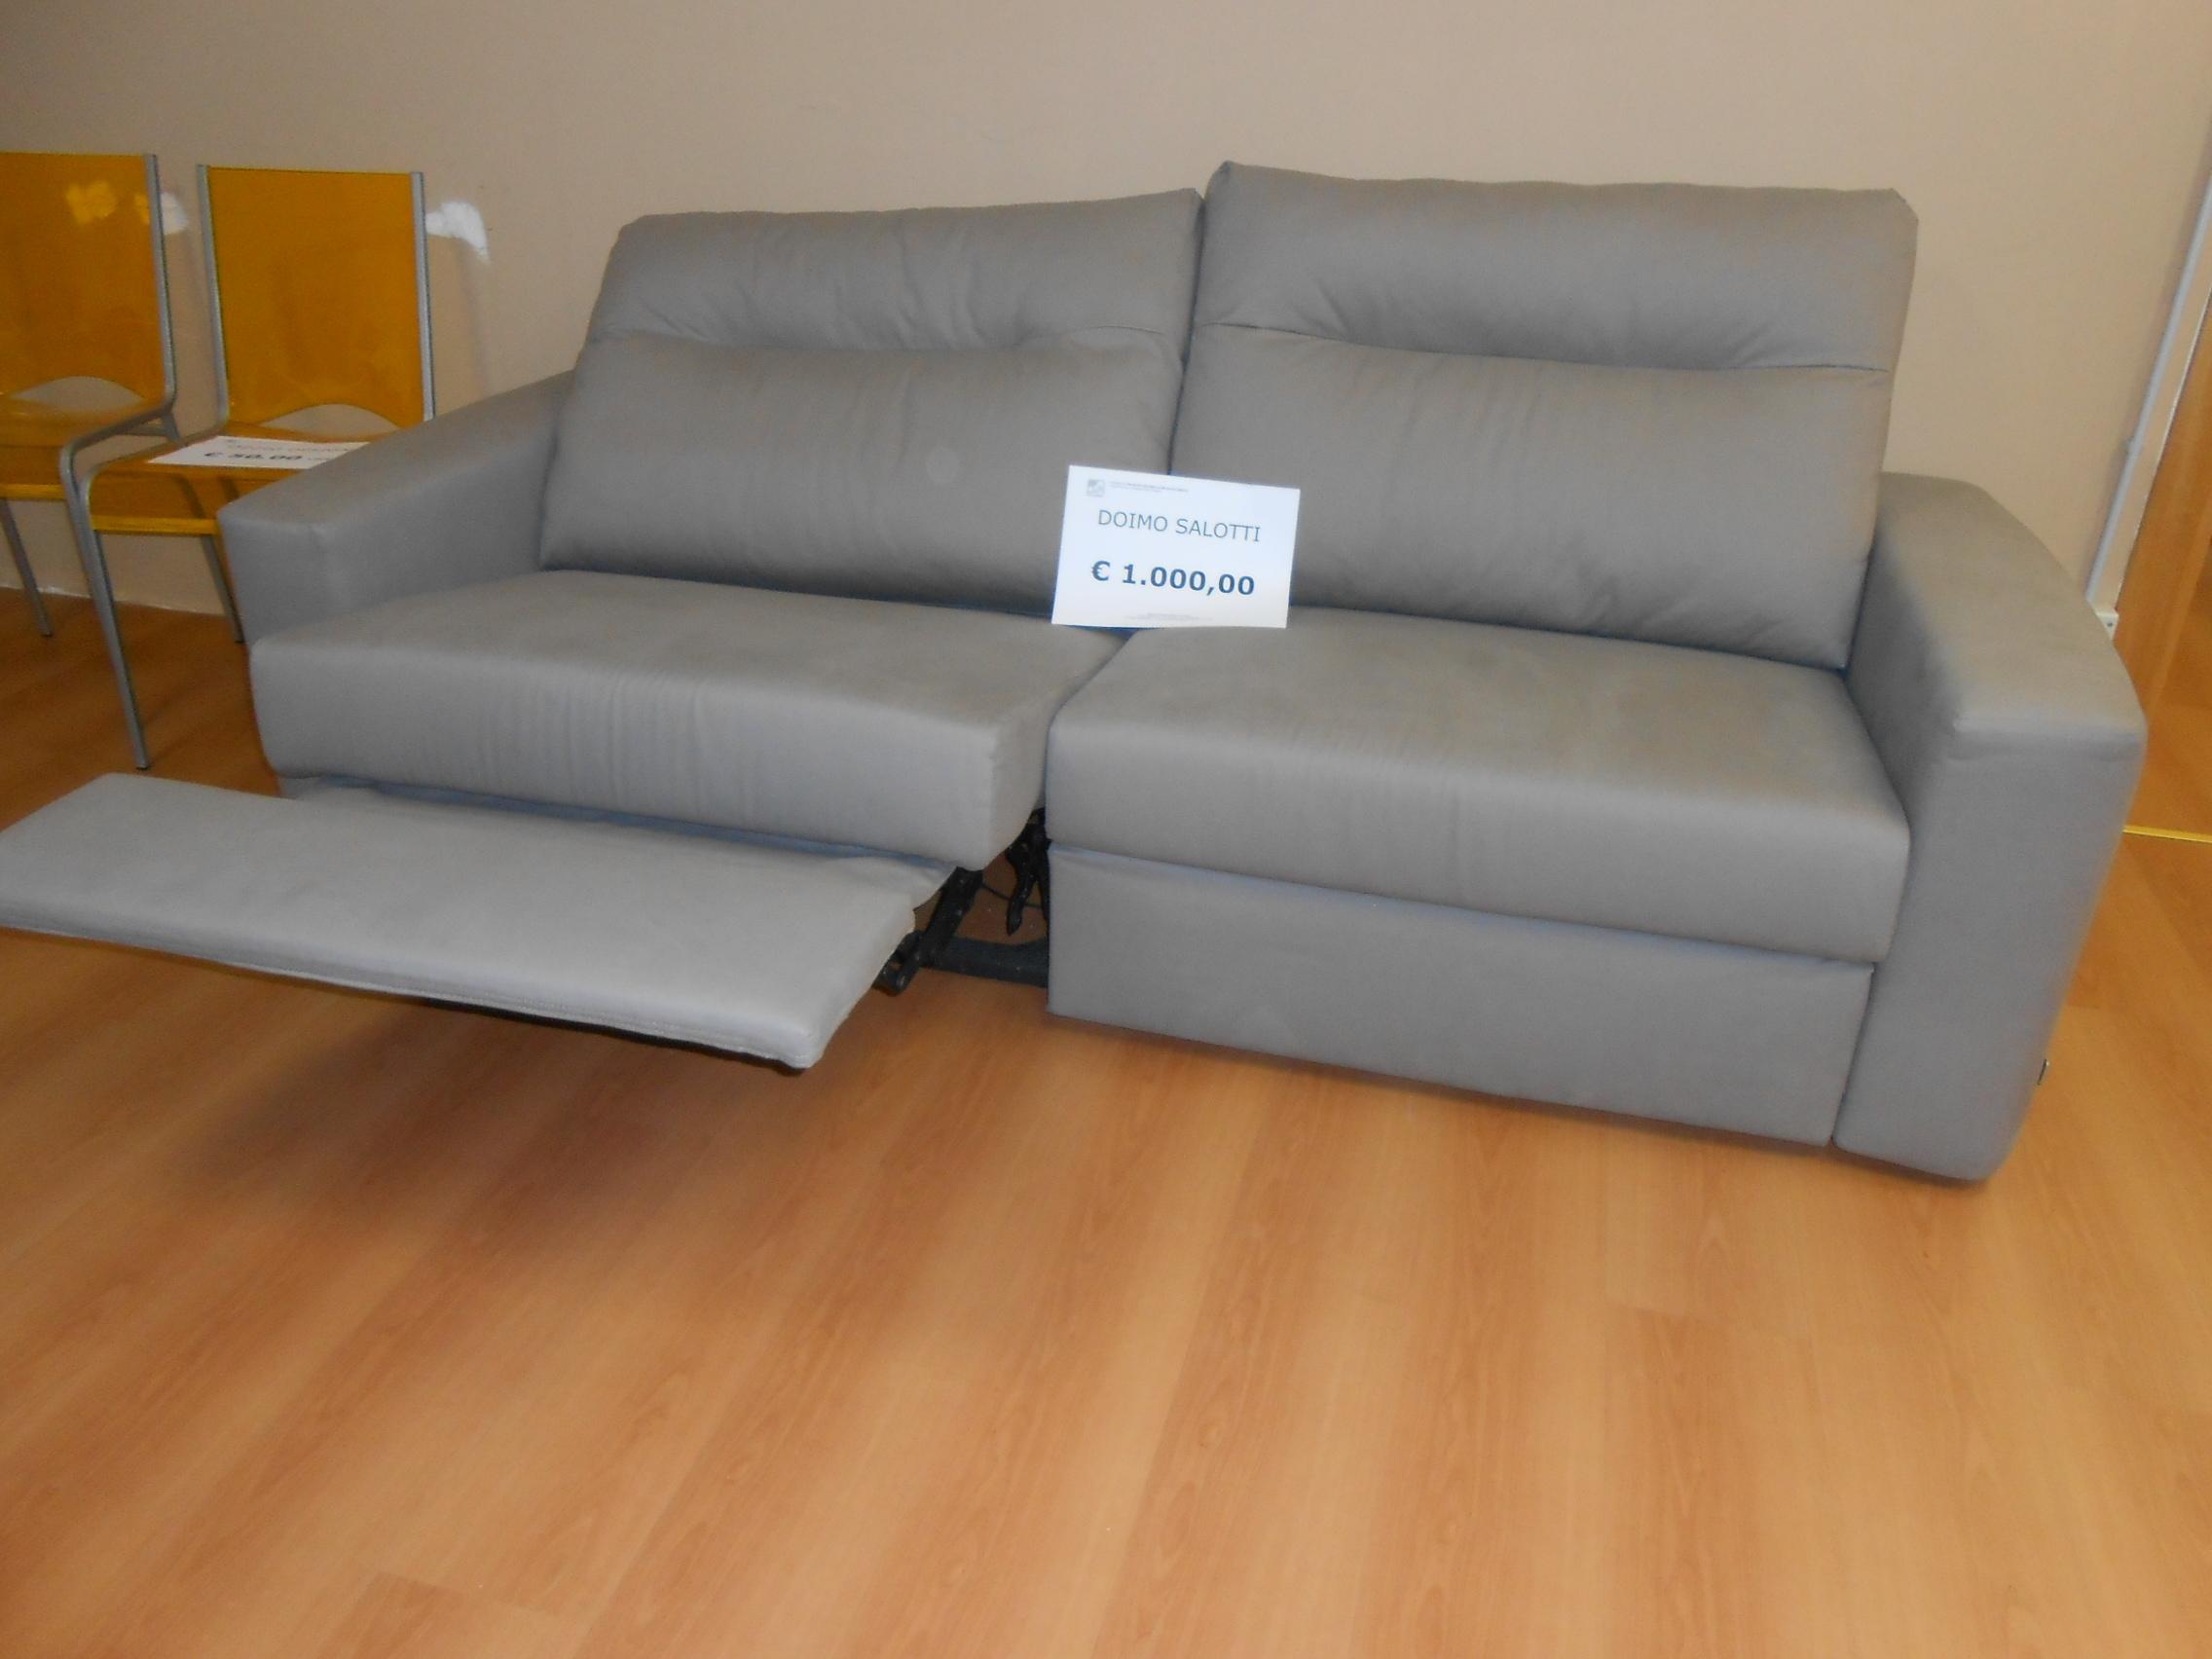 Divano doimo salotti palace tessuto divani a prezzi scontati - Rivestimento divano costo ...